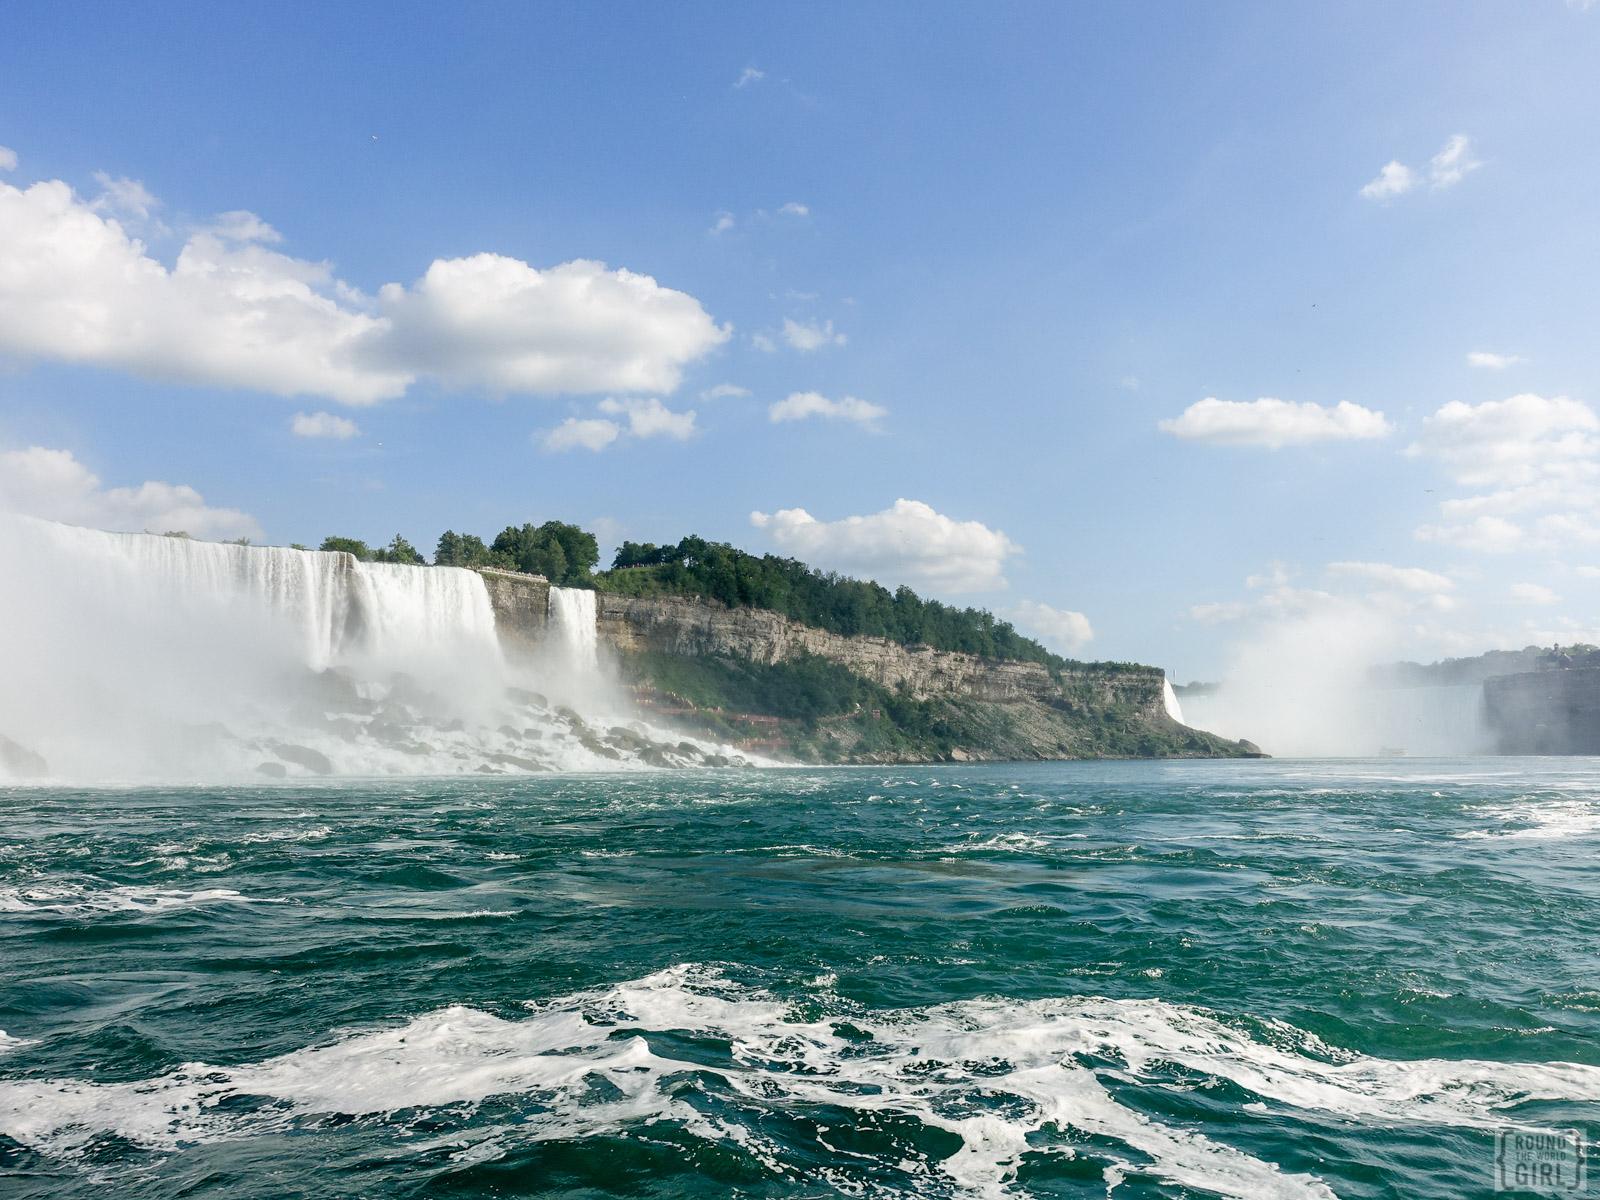 Hornblower Cruise Niagara Falls | www.Rtwgirl.com